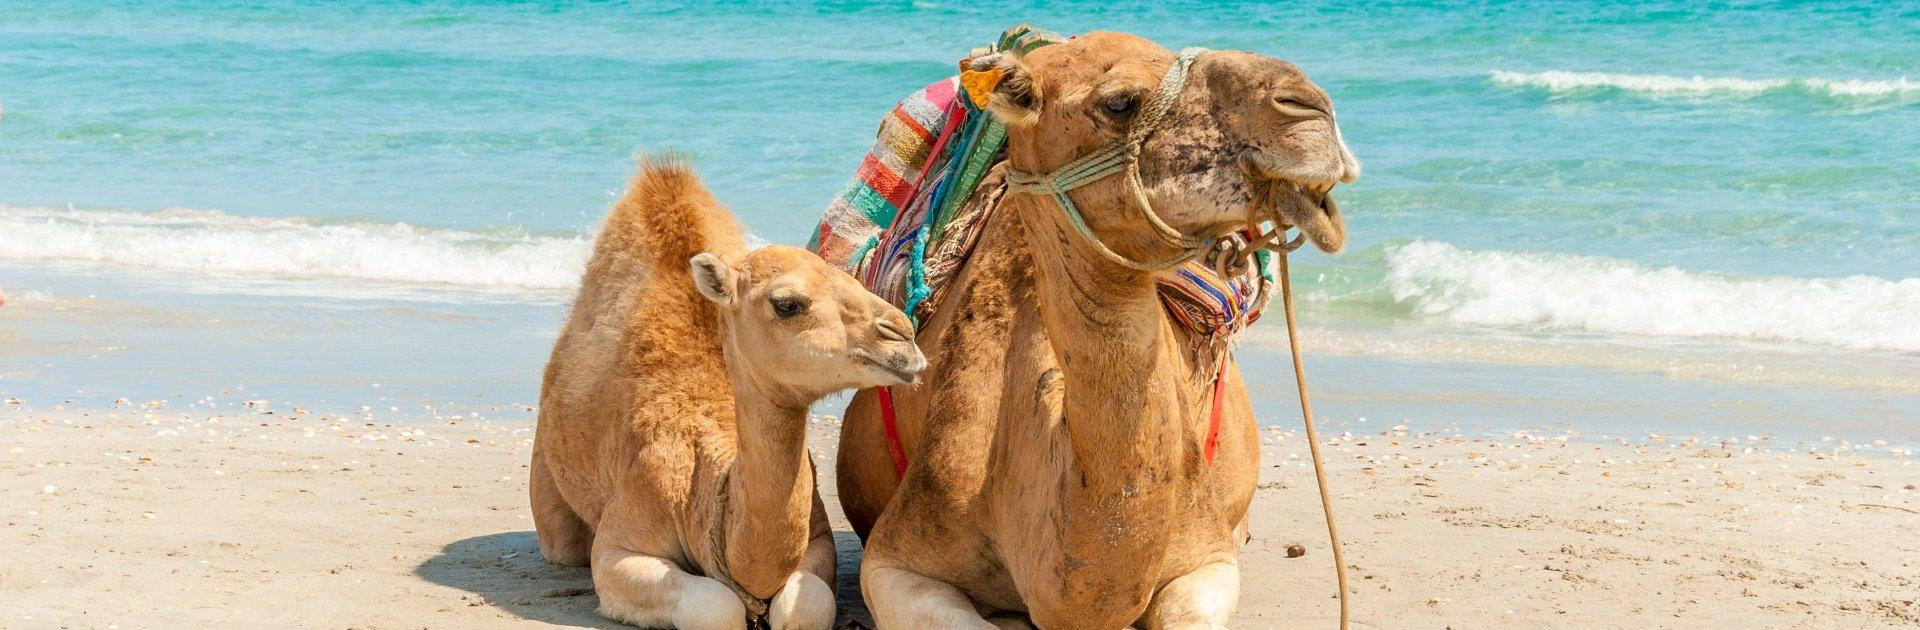 Familienhotels in Tunesien